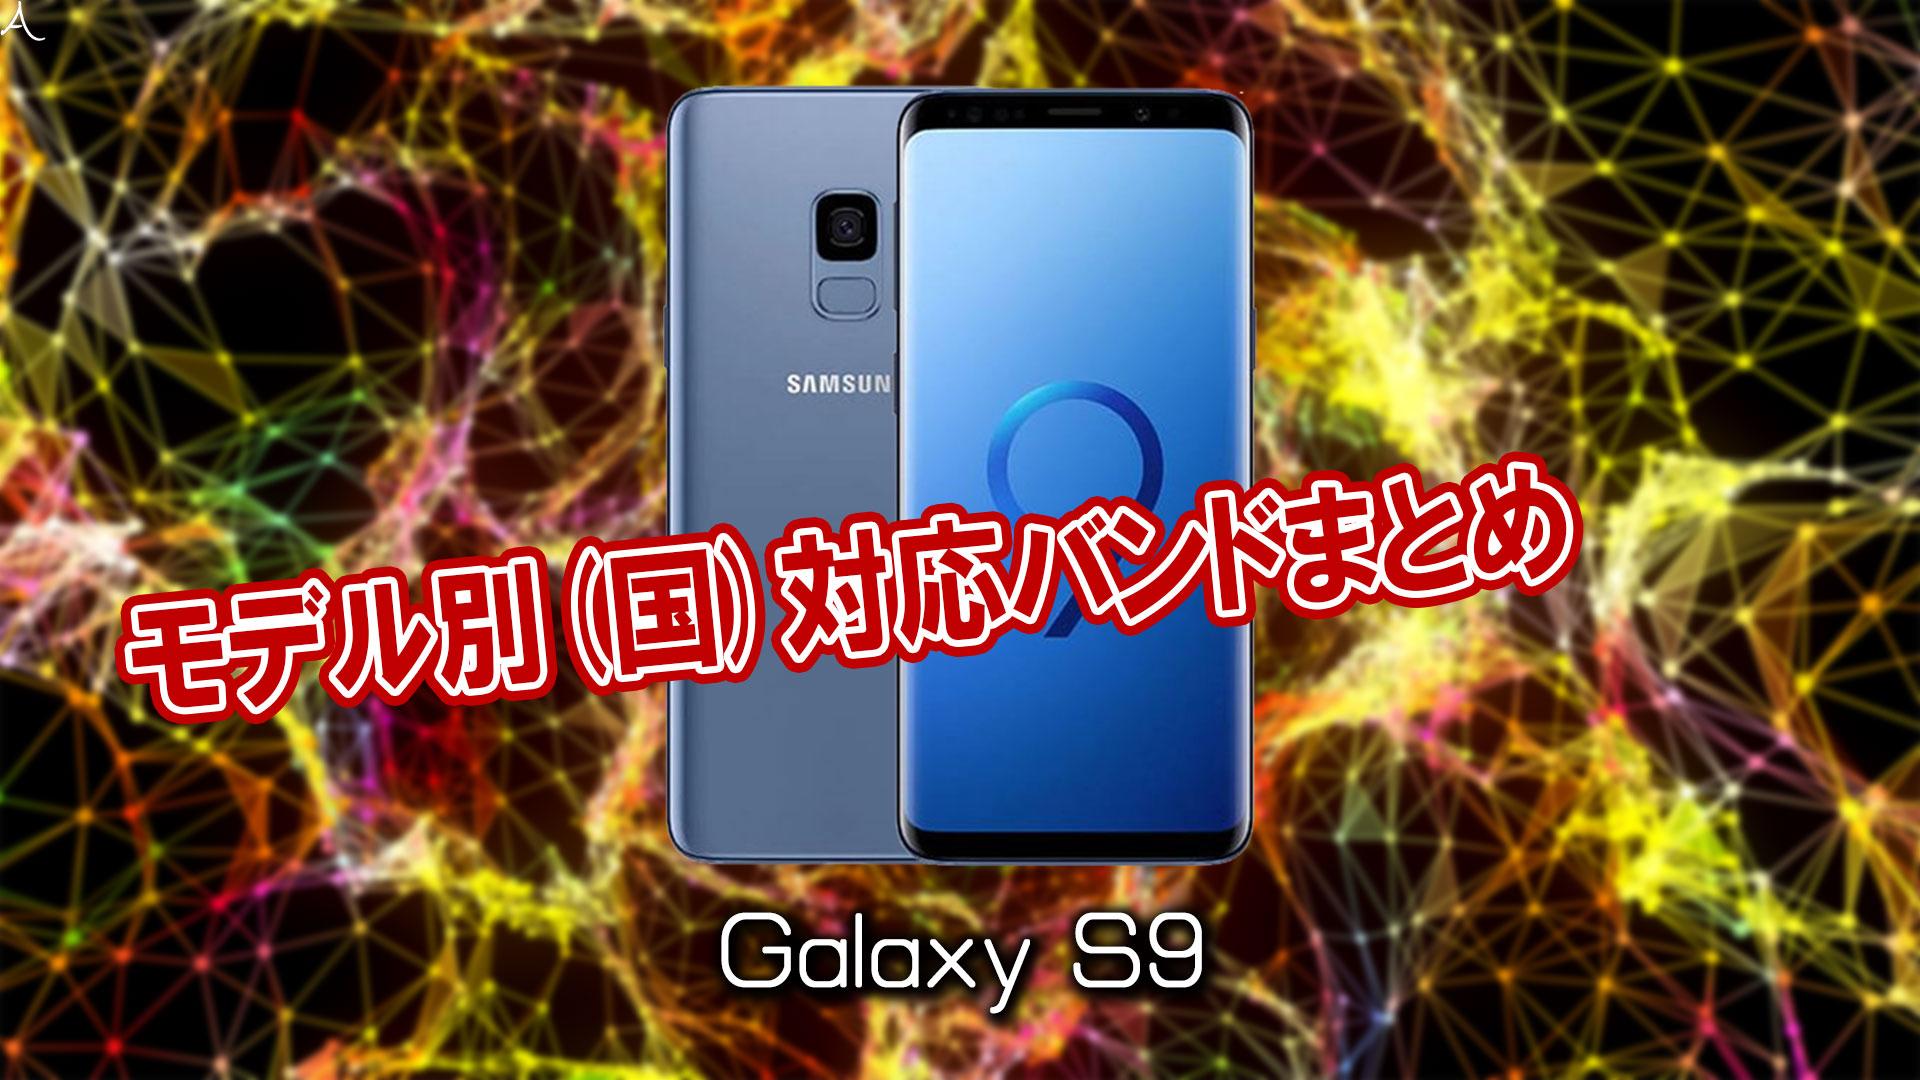 「Galaxy S9」の4G/LTE対応バンドまとめ